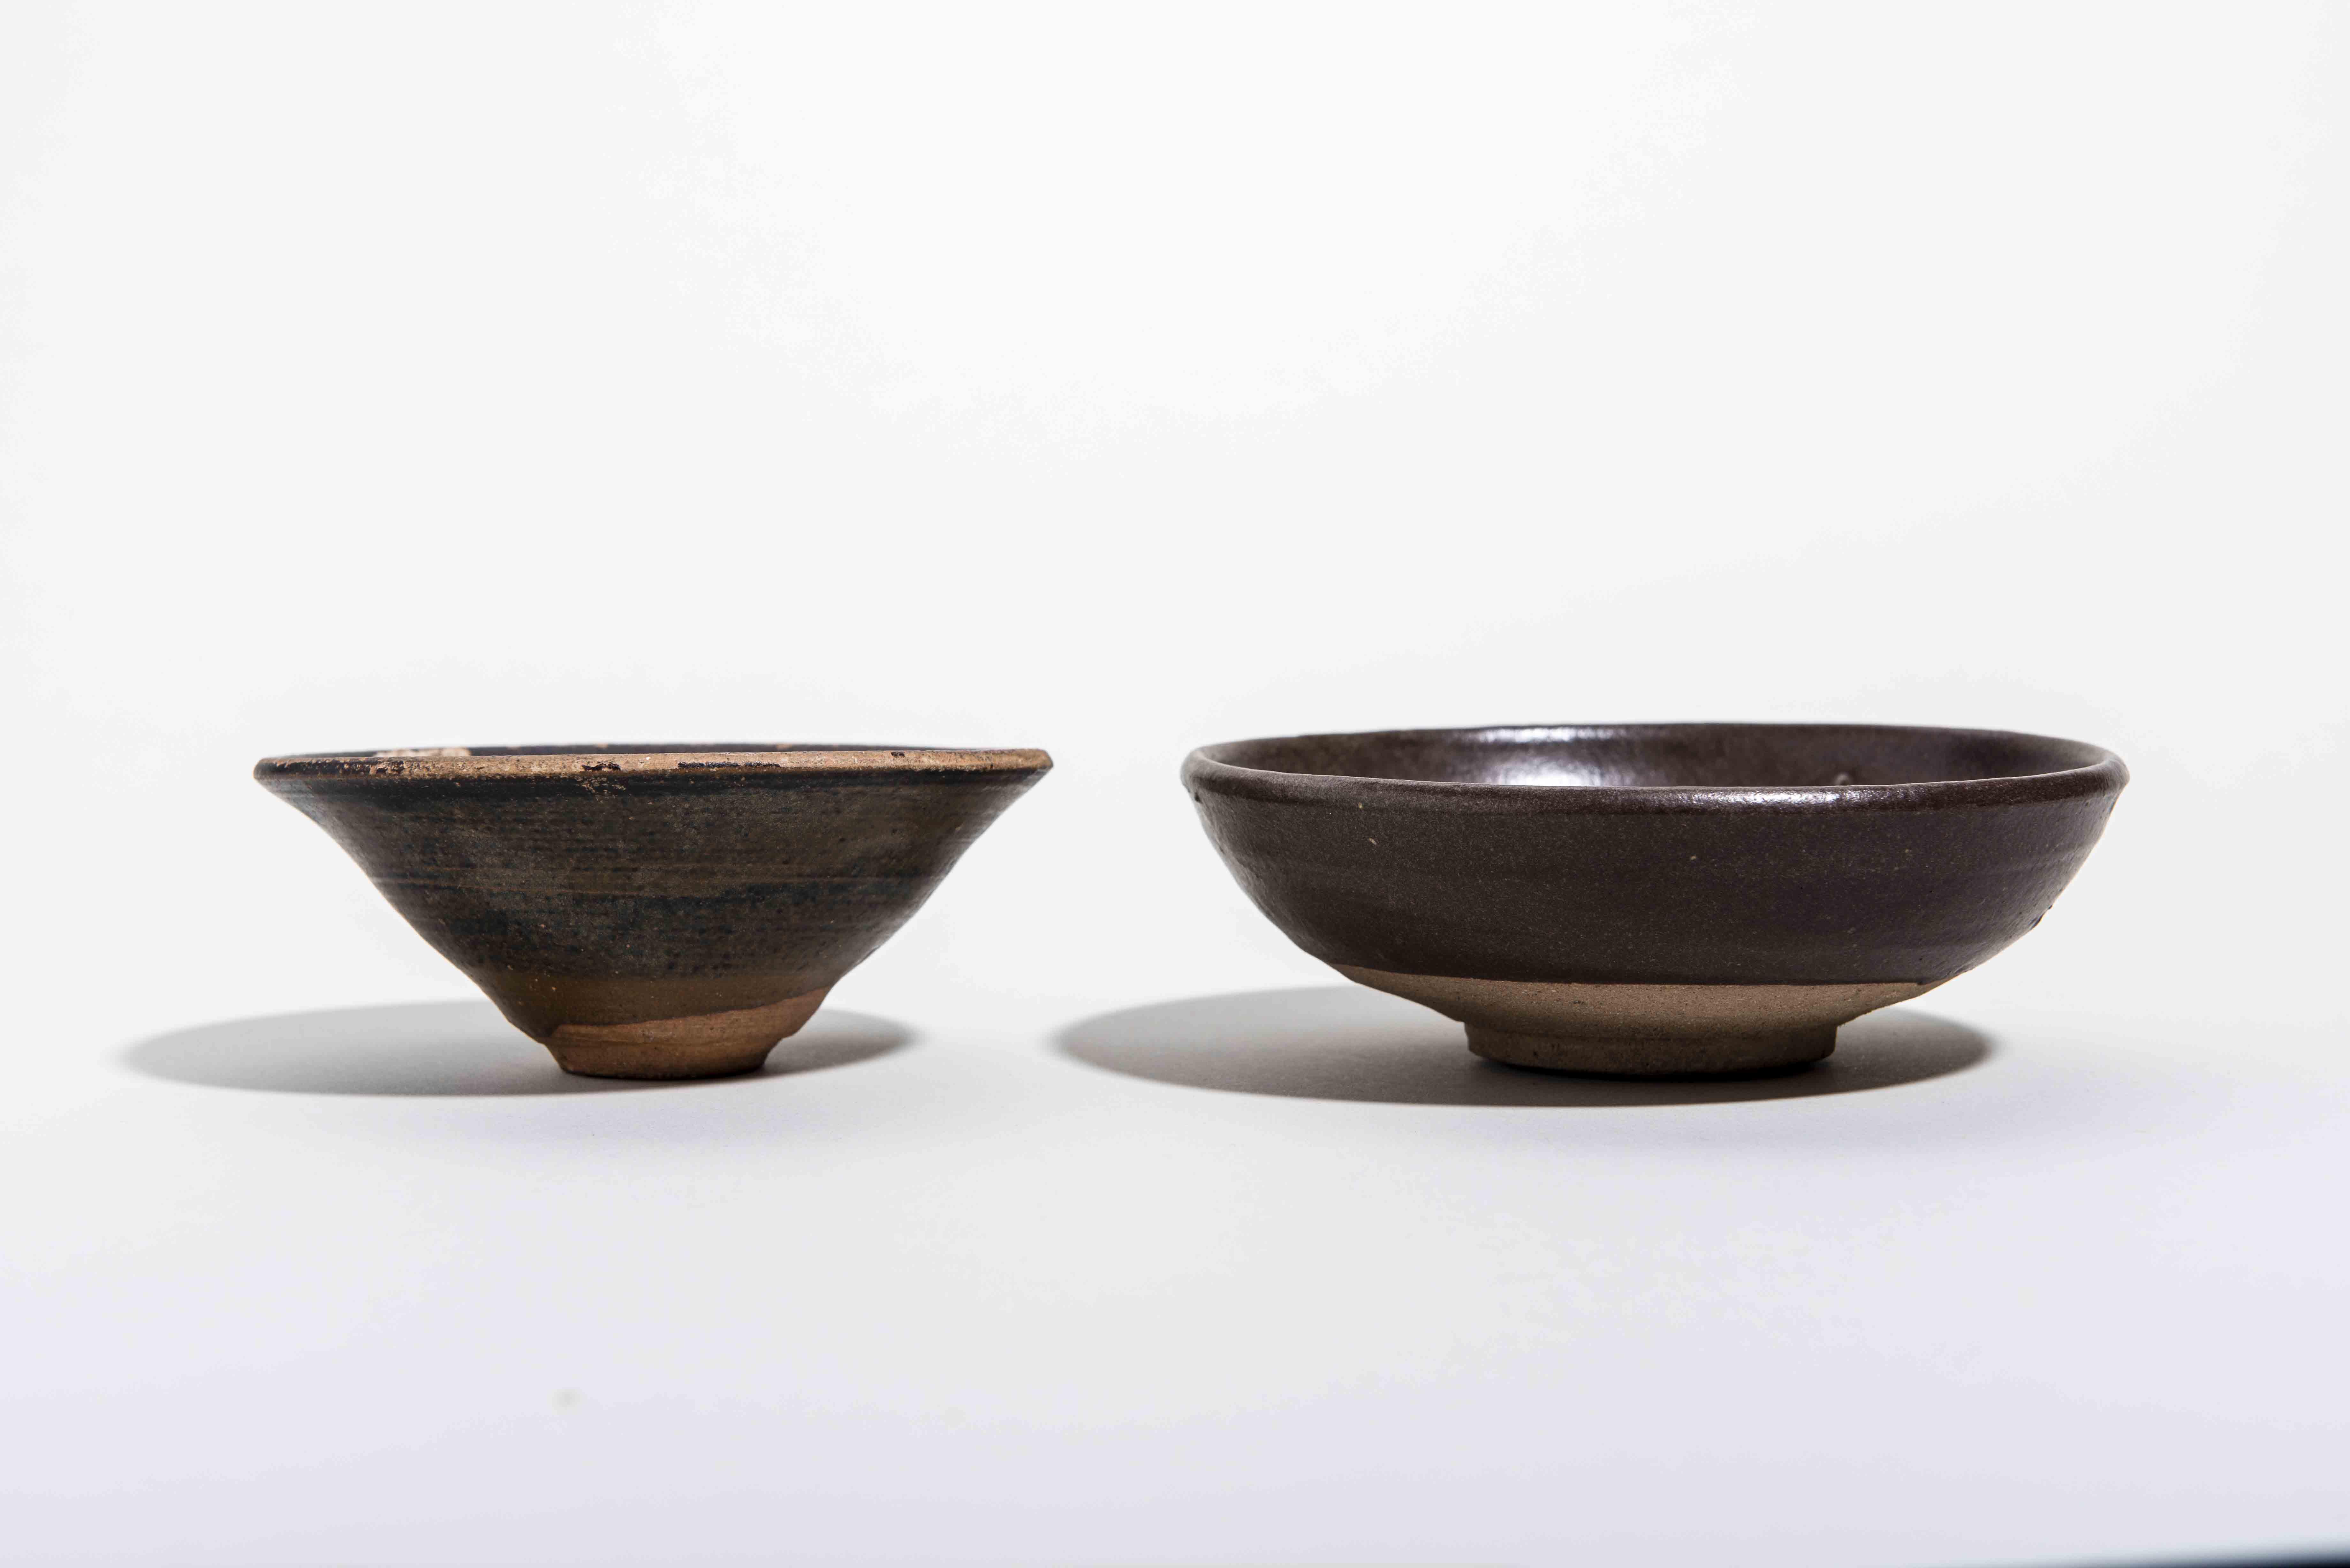 zwei teeschalen glasierte keramik china song dynastie und sp terdie kleinere schale ist die lt. Black Bedroom Furniture Sets. Home Design Ideas